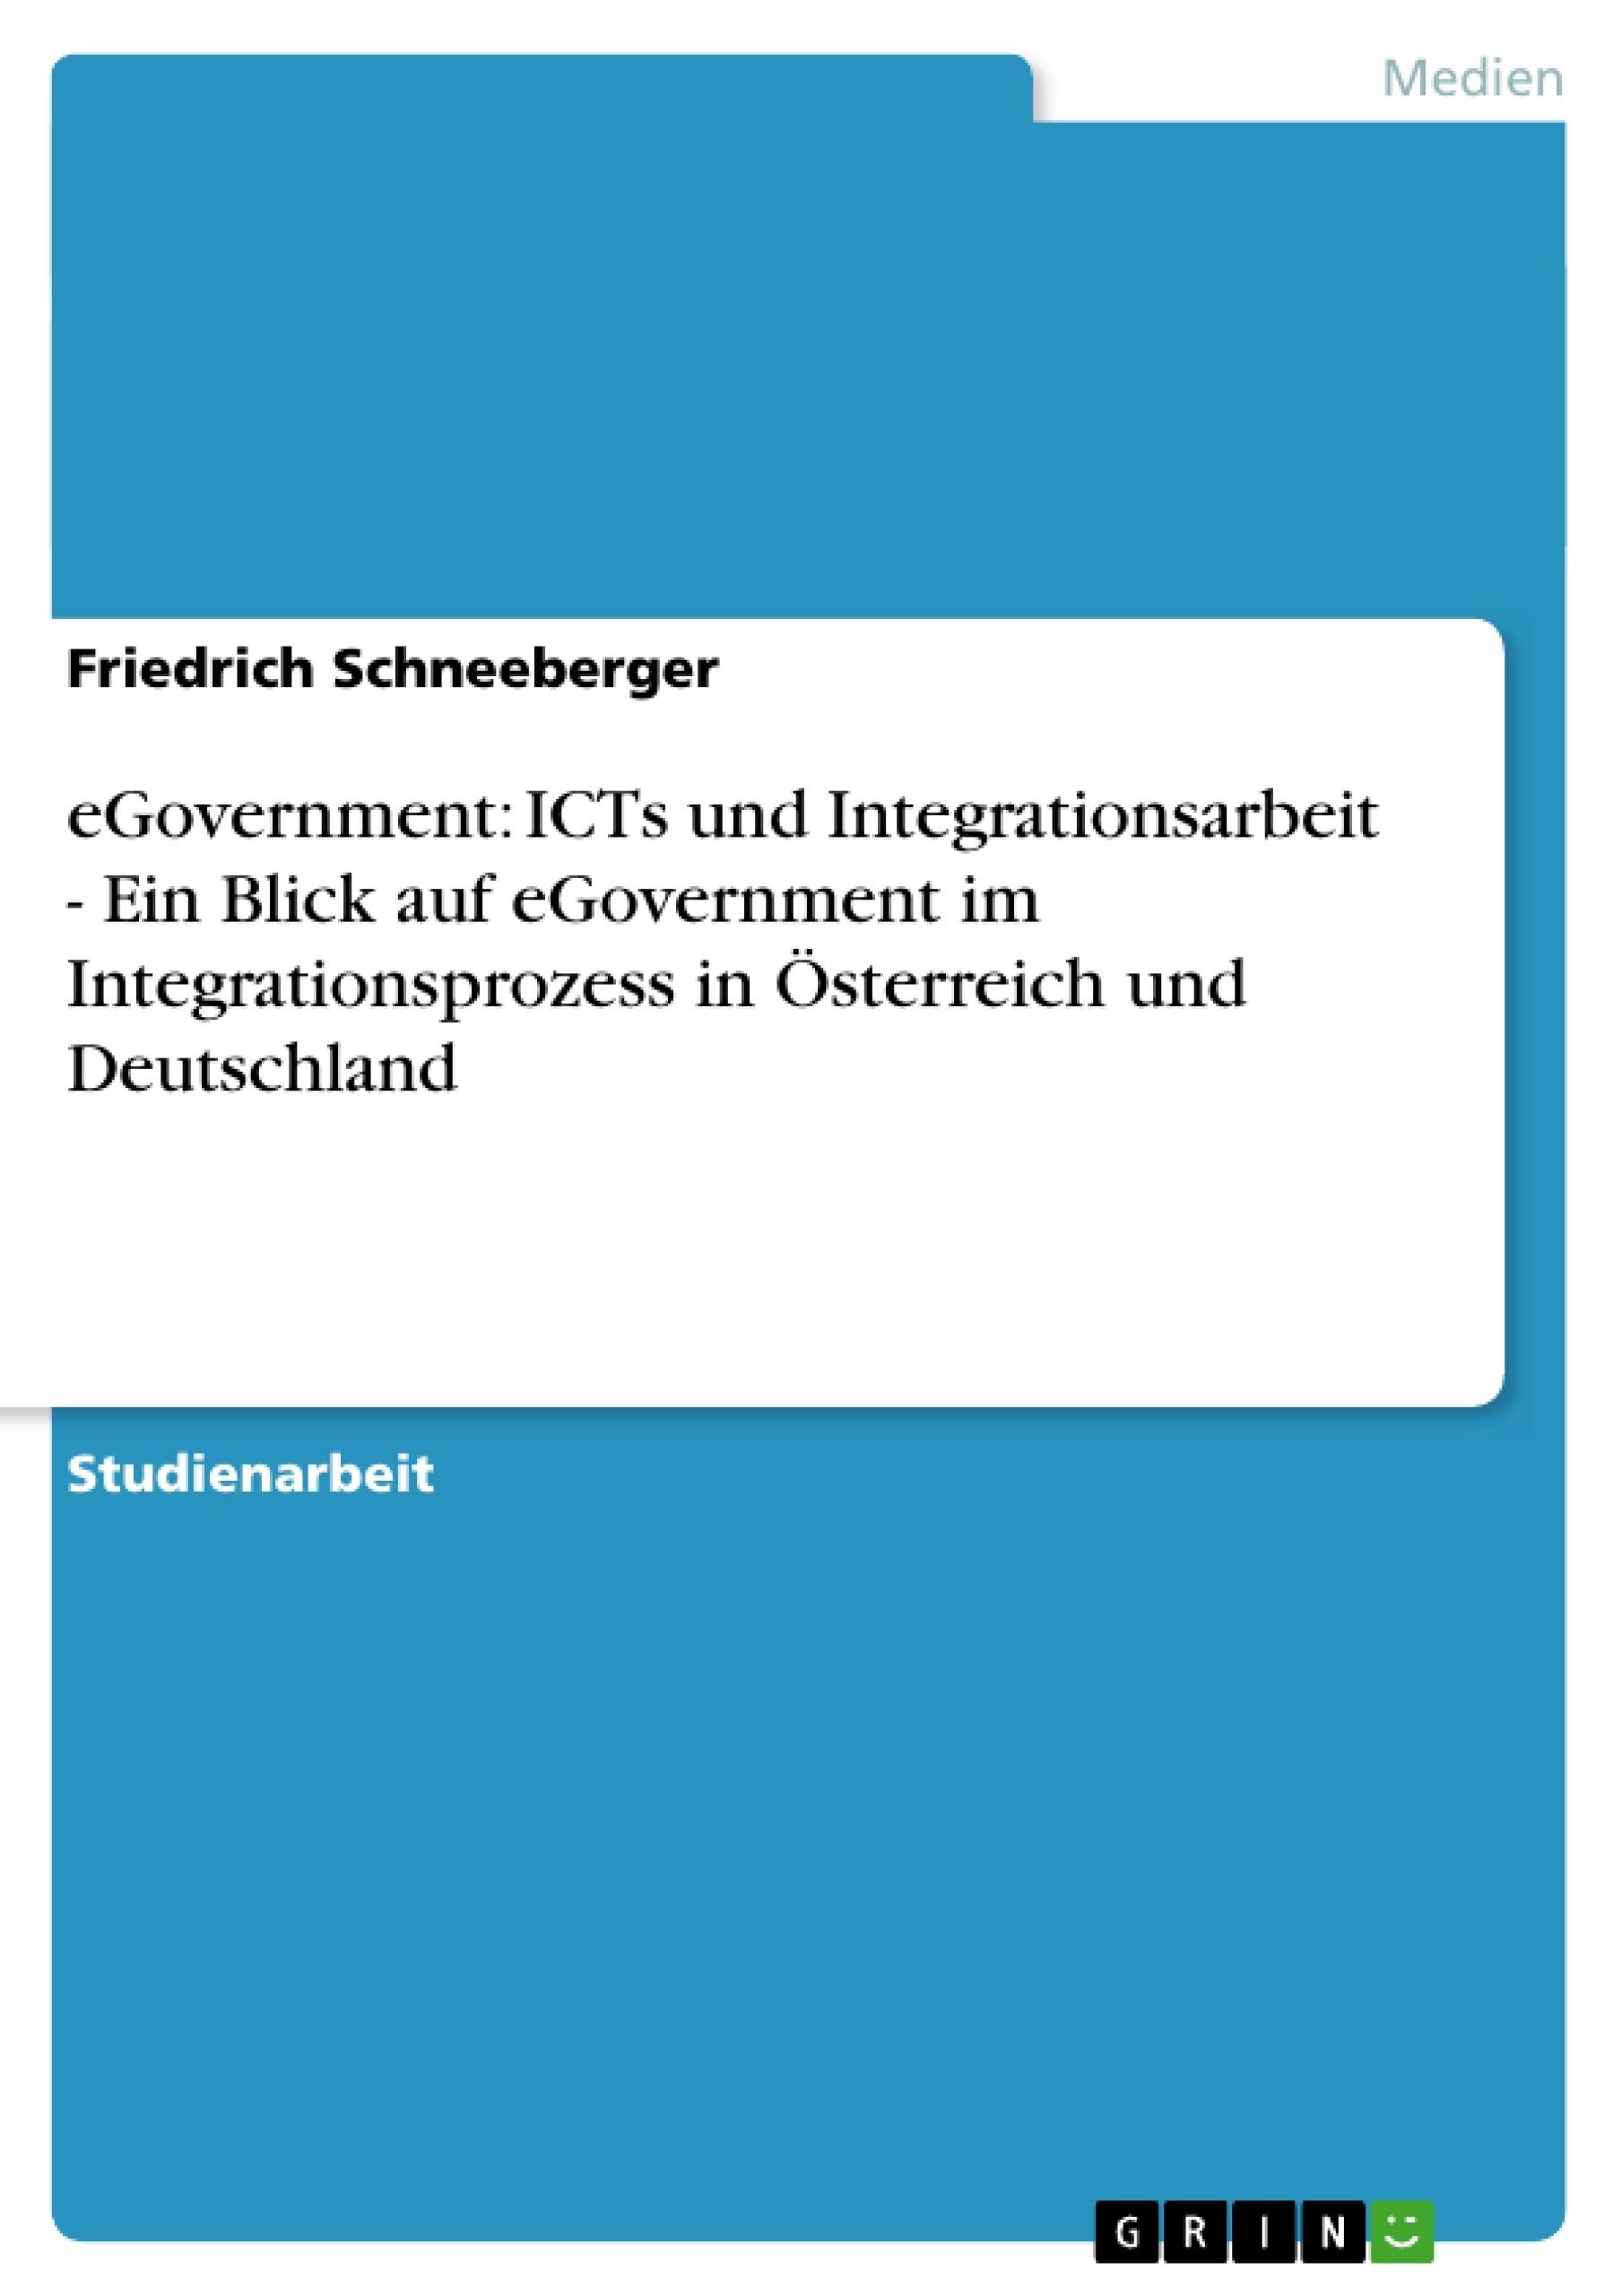 Titel: eGovernment: ICTs und Integrationsarbeit - Ein Blick auf eGovernment im Integrationsprozess in Österreich und Deutschland